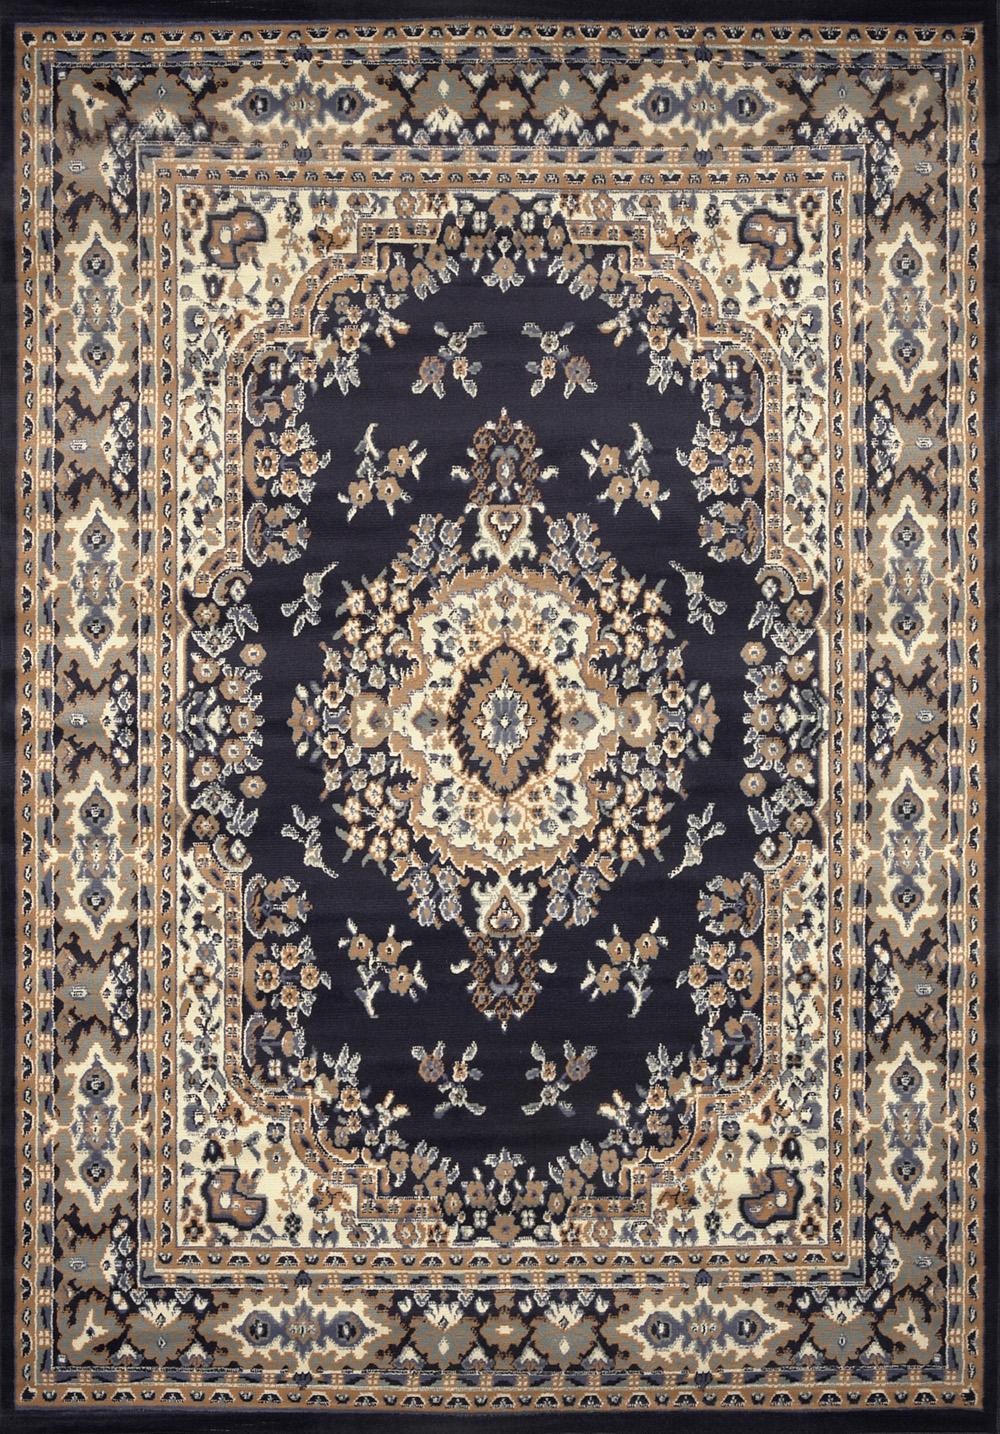 Traditional-Oriental-Medallion-Area-Rug-Persian-Style-Carpet-Runner-Mat-AllSizes thumbnail 13